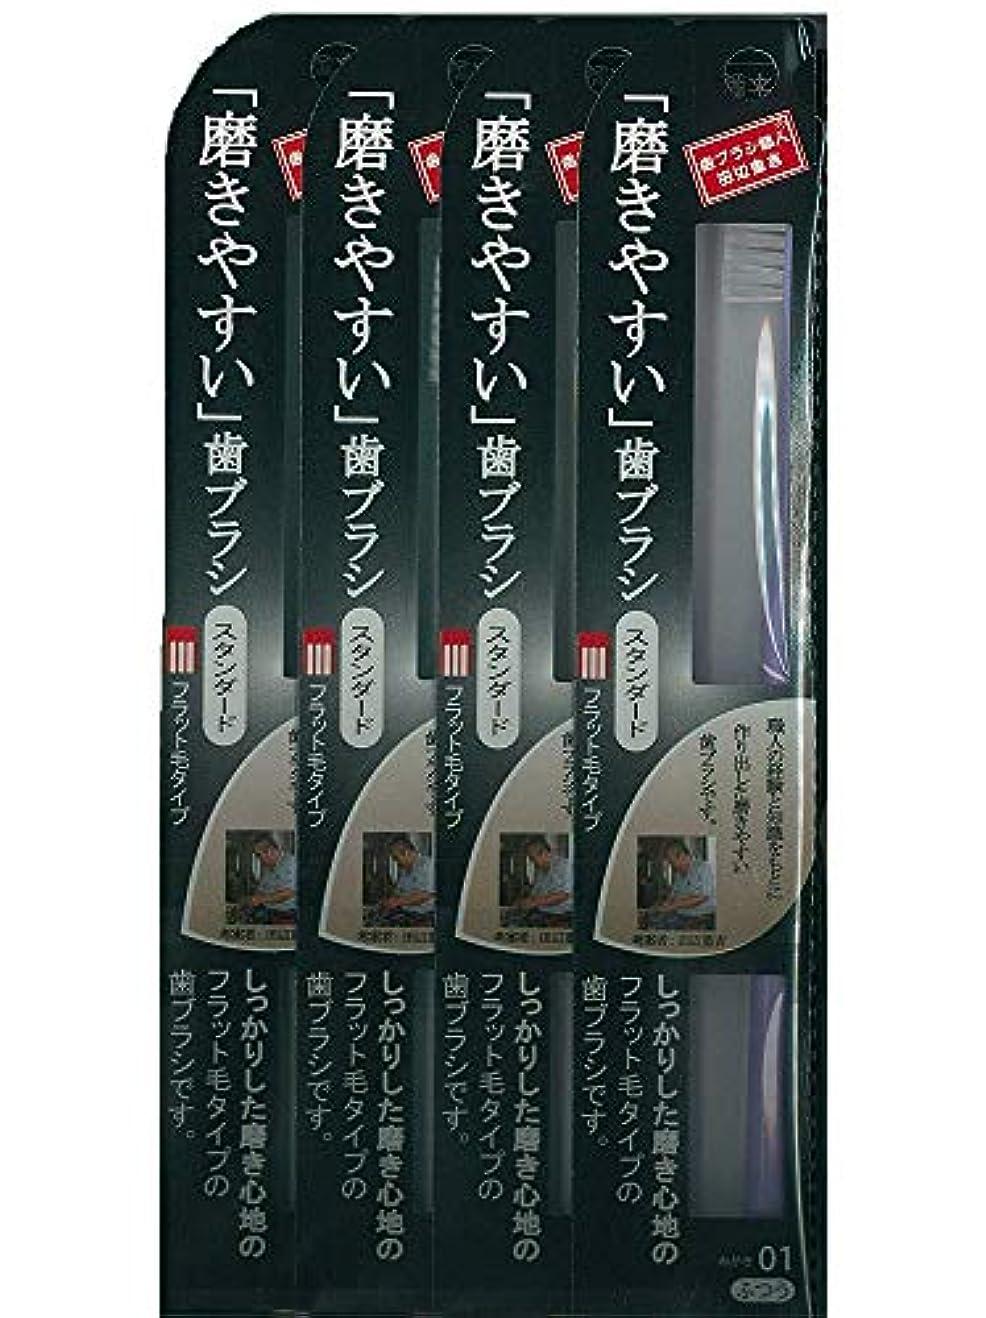 説得グレートバリアリーフかもめ歯ブラシ職人 田辺重吉 磨きやすい歯ブラシ スタンダード フラット毛タイプ LT-01 (1本×4個セット)